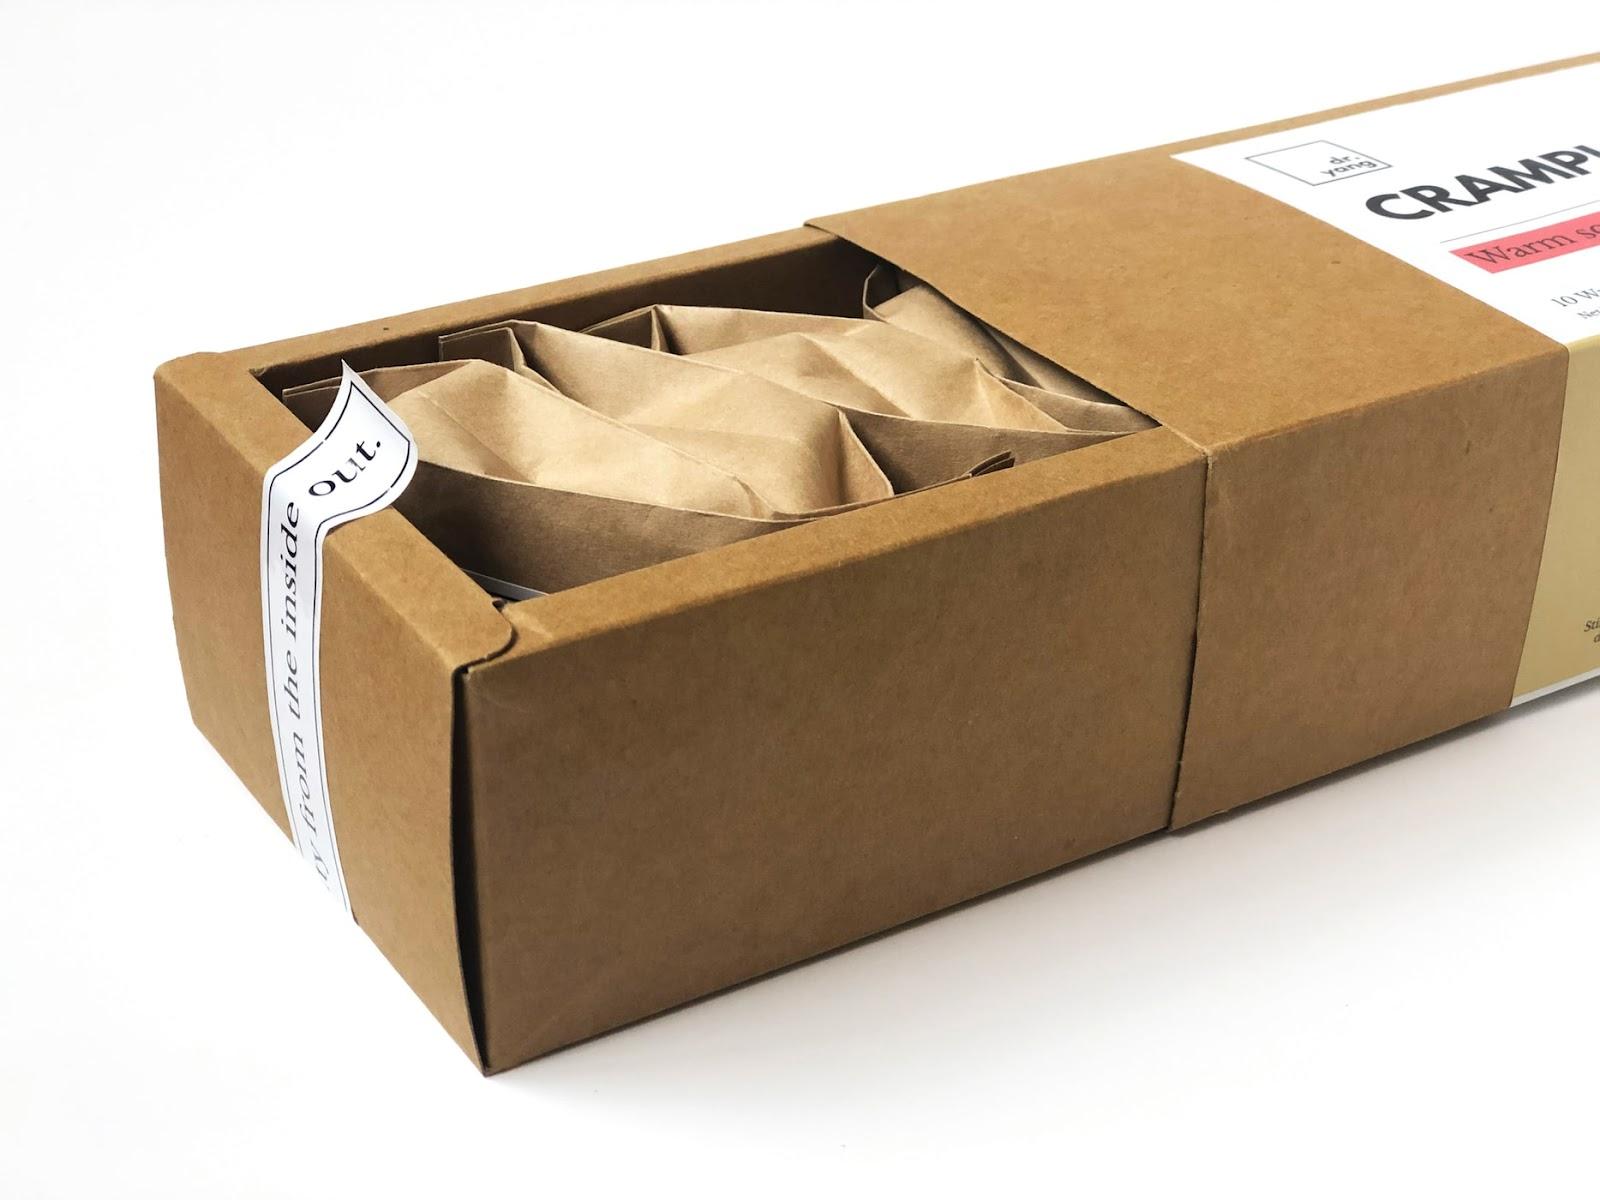 Order packaging loyalty building - cardboard box packaging